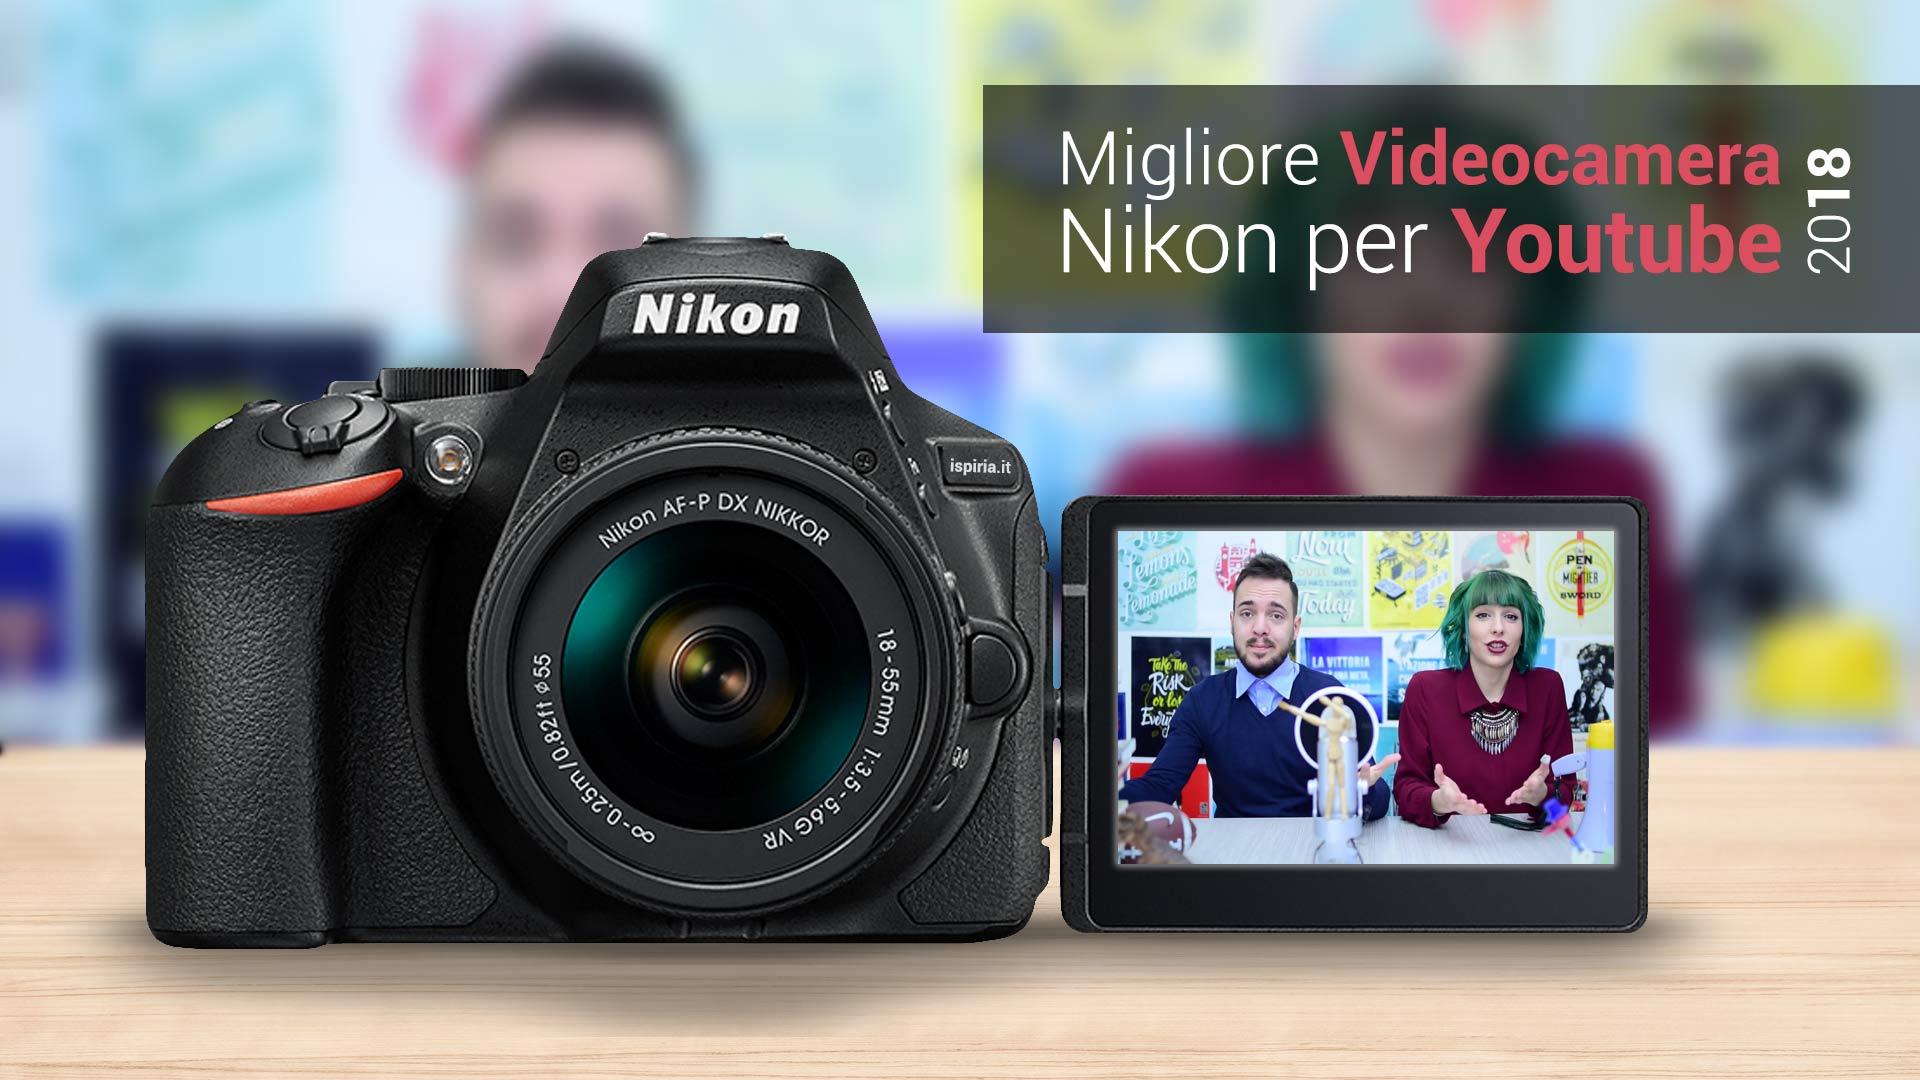 migliore videocamere youtube nikon 2018